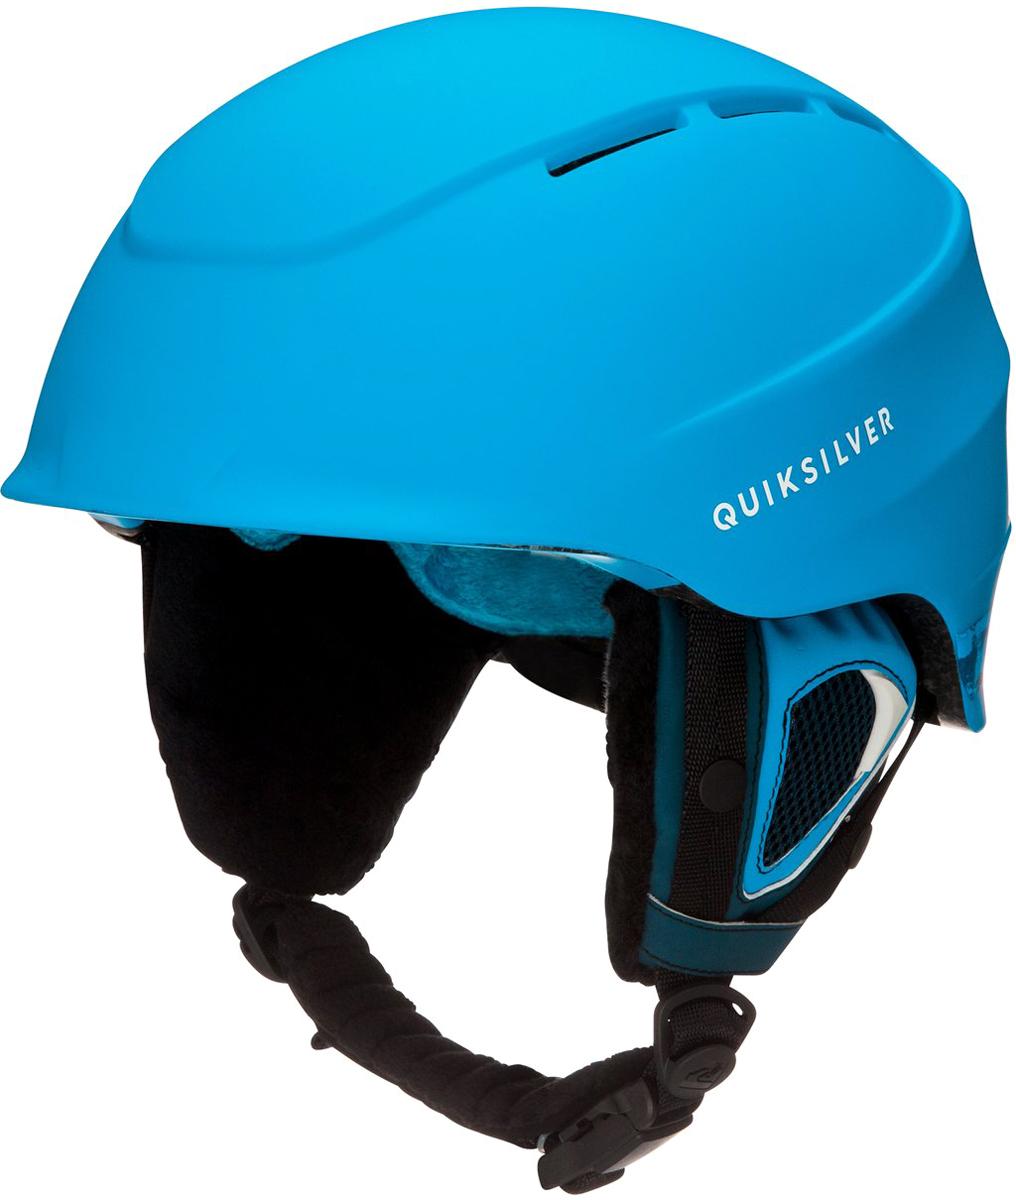 Шлем для горных лыж и сноуборда мужской Quiksilver. EQYTL03016-BYH0. Размер M (54-56)EQYTL03016-BYH0Шлем для горных лыж и сноуборда Quiksilver выполнен из материала двойной микрошелл сверхлегкой литой конструкции. Ударопоглощающий пенный полимер EPS обеспечивает безопасность.На шлеме расположены вентиляционные отверстия с металлической отделкой спереди. Подкладка выполнена из сетки и флисовой шерпы. Шлем оснащен мягкими термоформованными съемными накладками на уши. Система регулировки размера.Стреп на подбородок выполнен из мягкой шерпы и оснащен застежкой системы Fidlock. Вес: 400 г. Сертификация: EN1077.Что взять с собой на горнолыжную прогулку: рассказывают эксперты. Статья OZON Гид